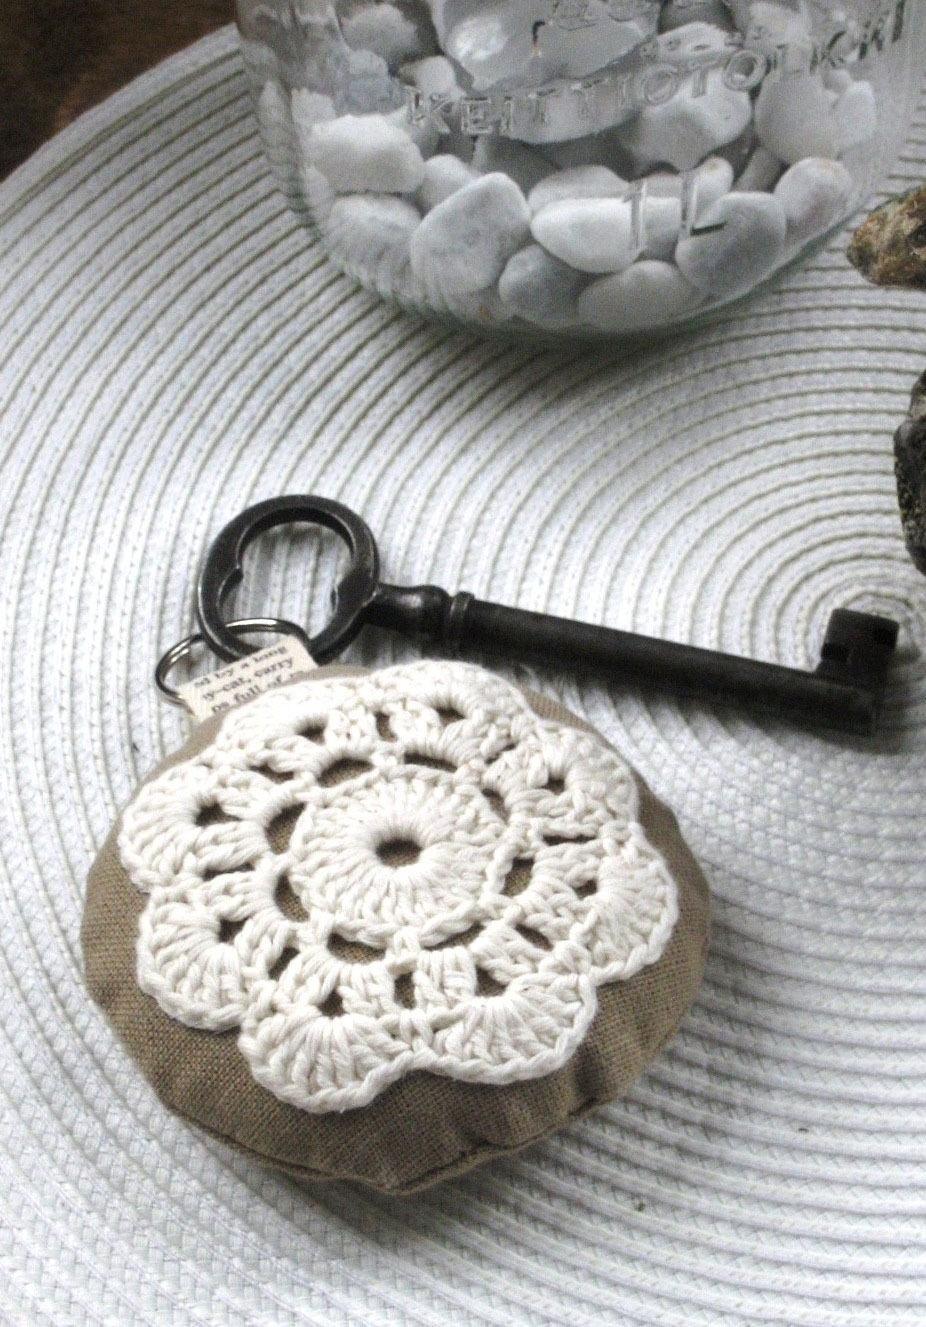 Chaveiro com almofada e flor de crochê